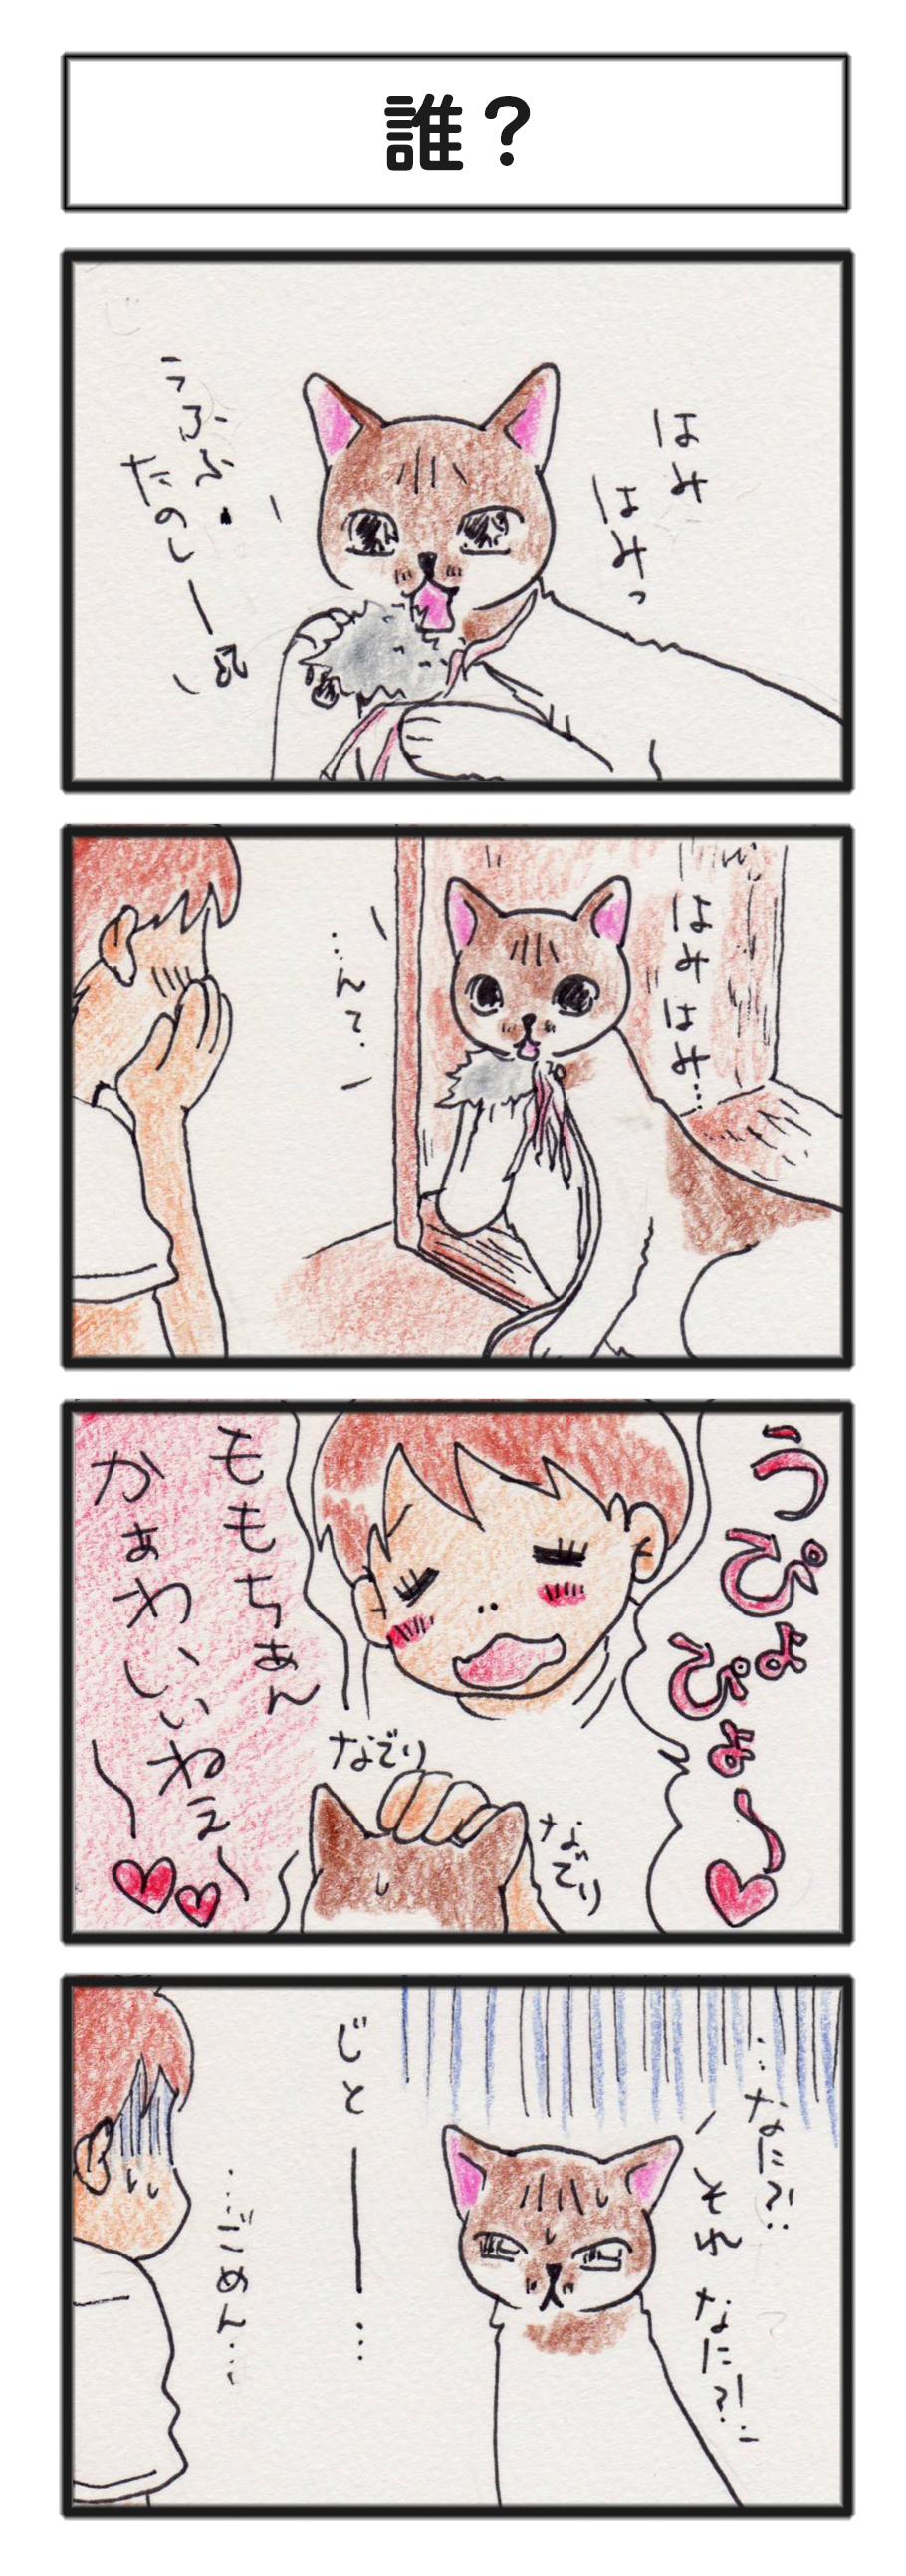 comic_4c_14062402.jpg